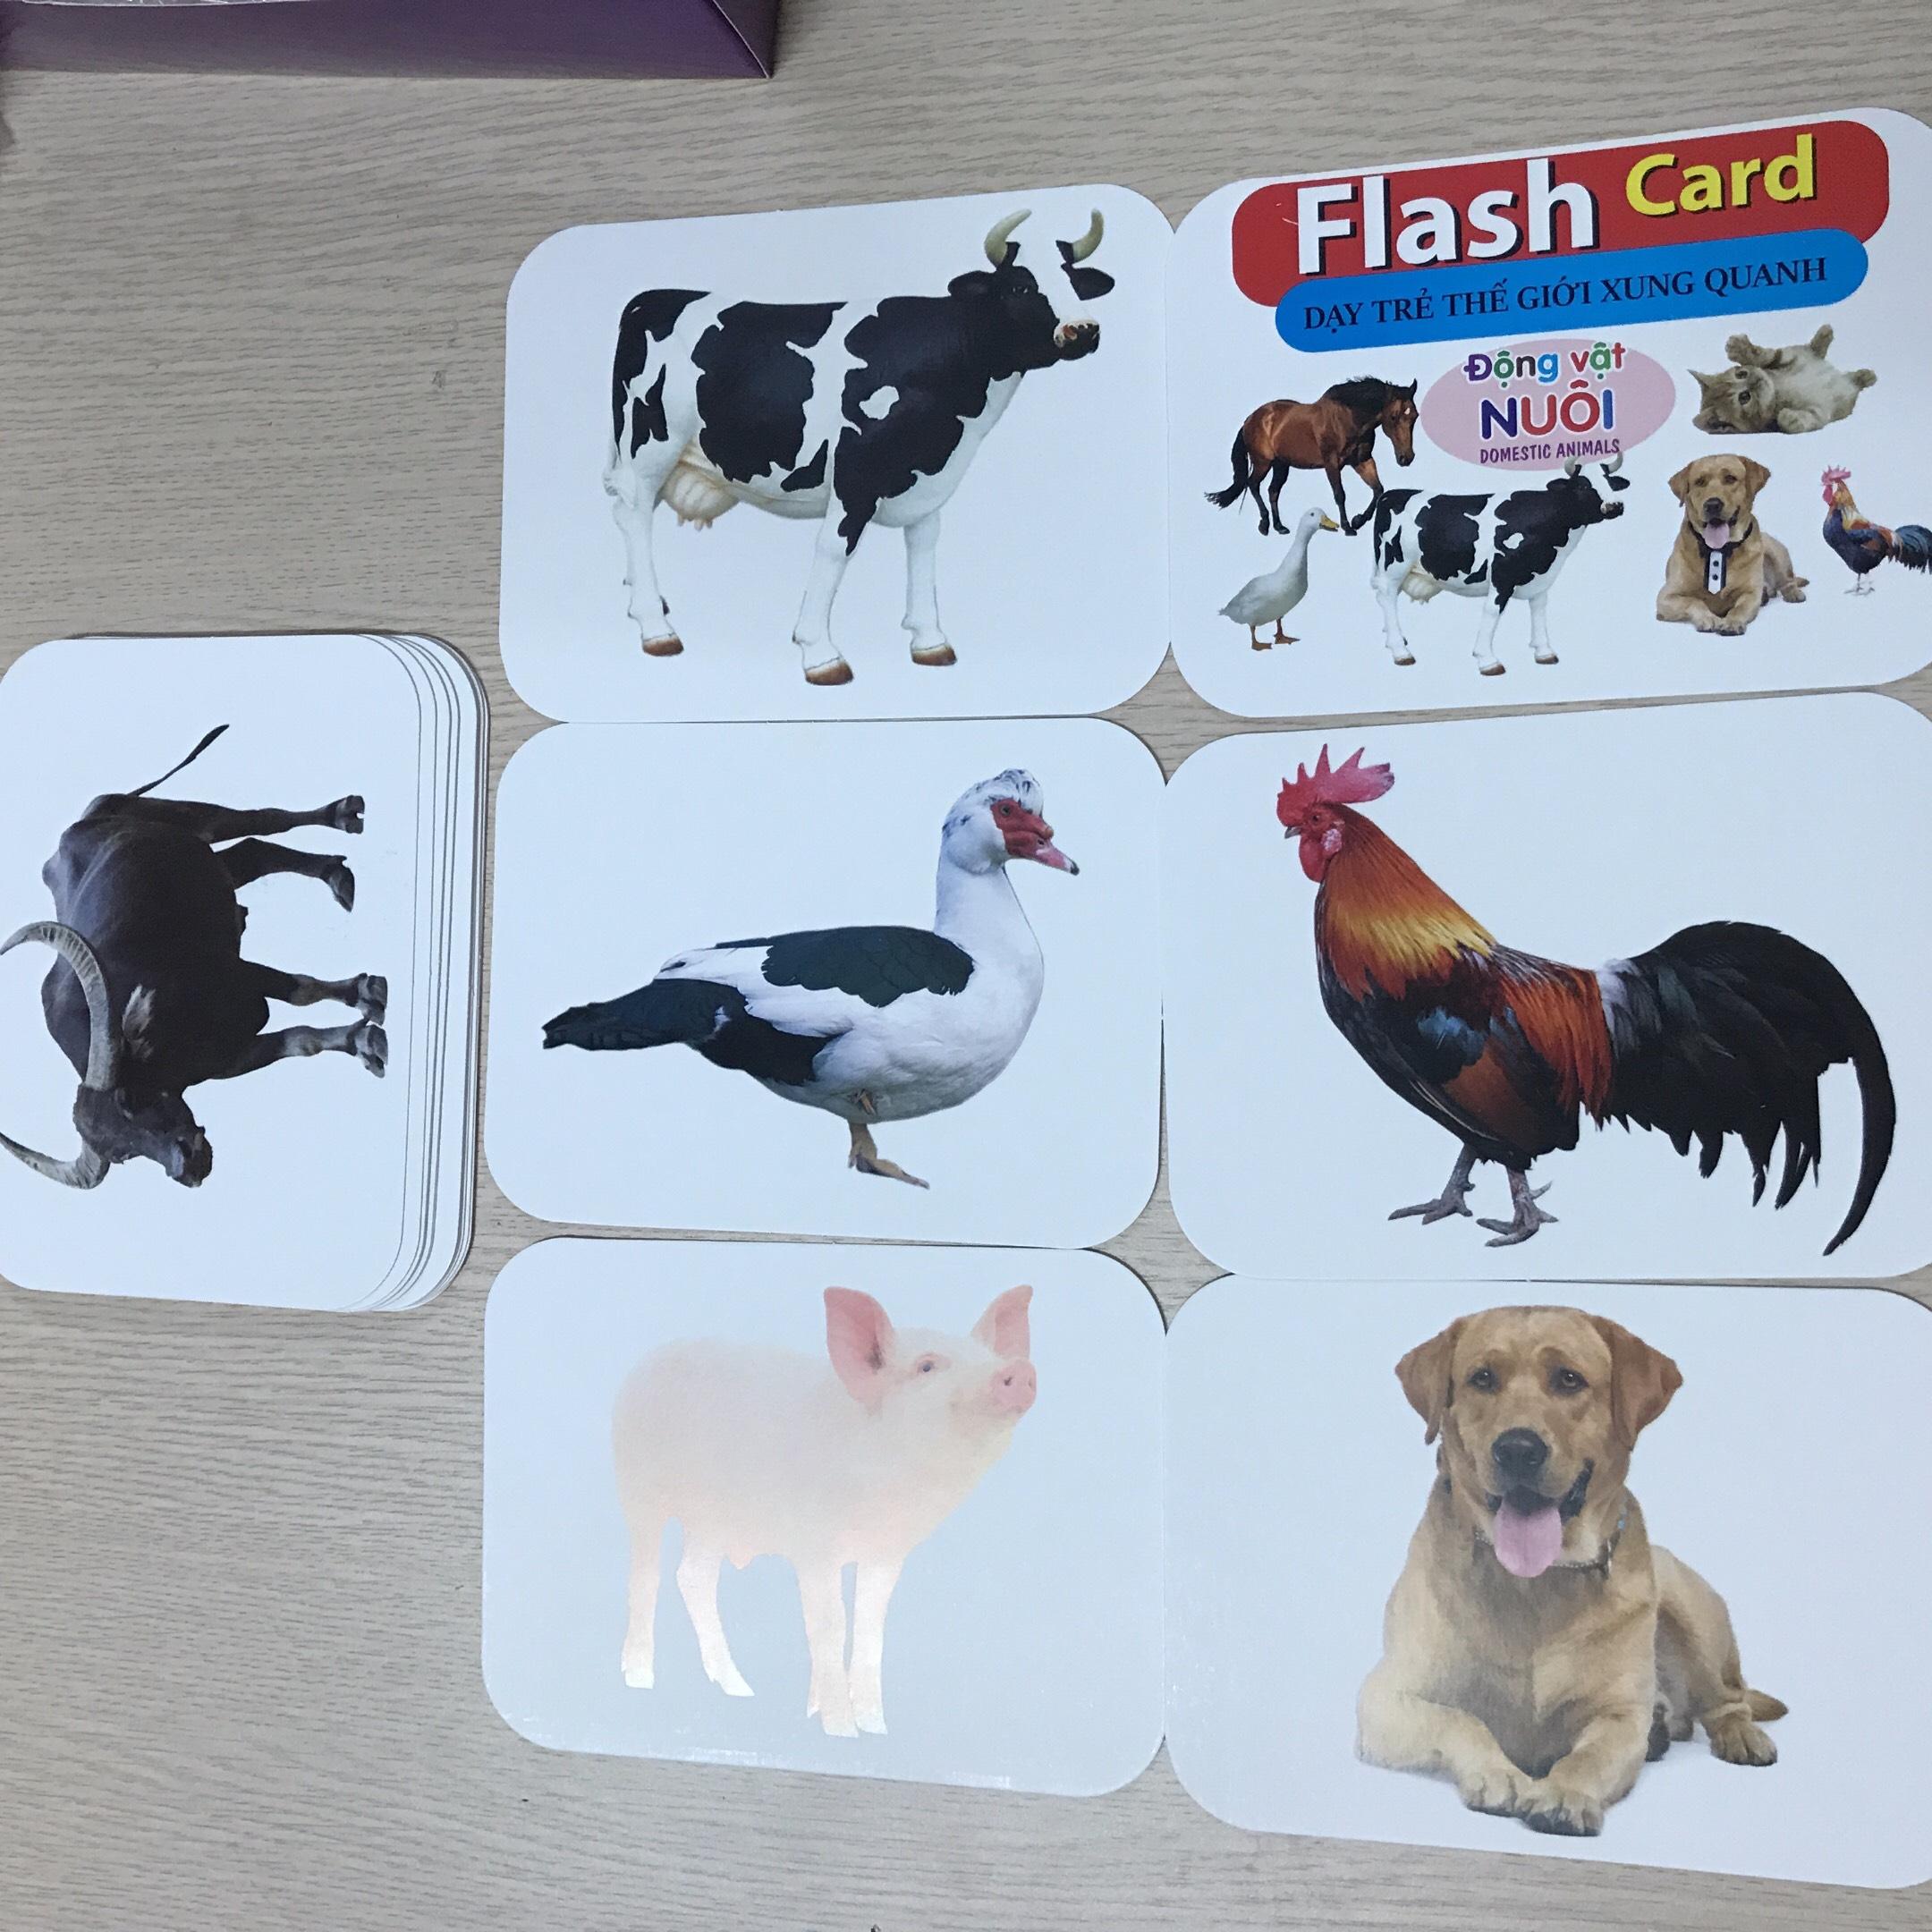 Combo Bộ Thẻ Animal 4D+ Hình Ảnh Con Vật Sinh Động + Thẻ Học Thông Minh Song Ngữ Anh- Việt Cỡ Lớn Cho Bé